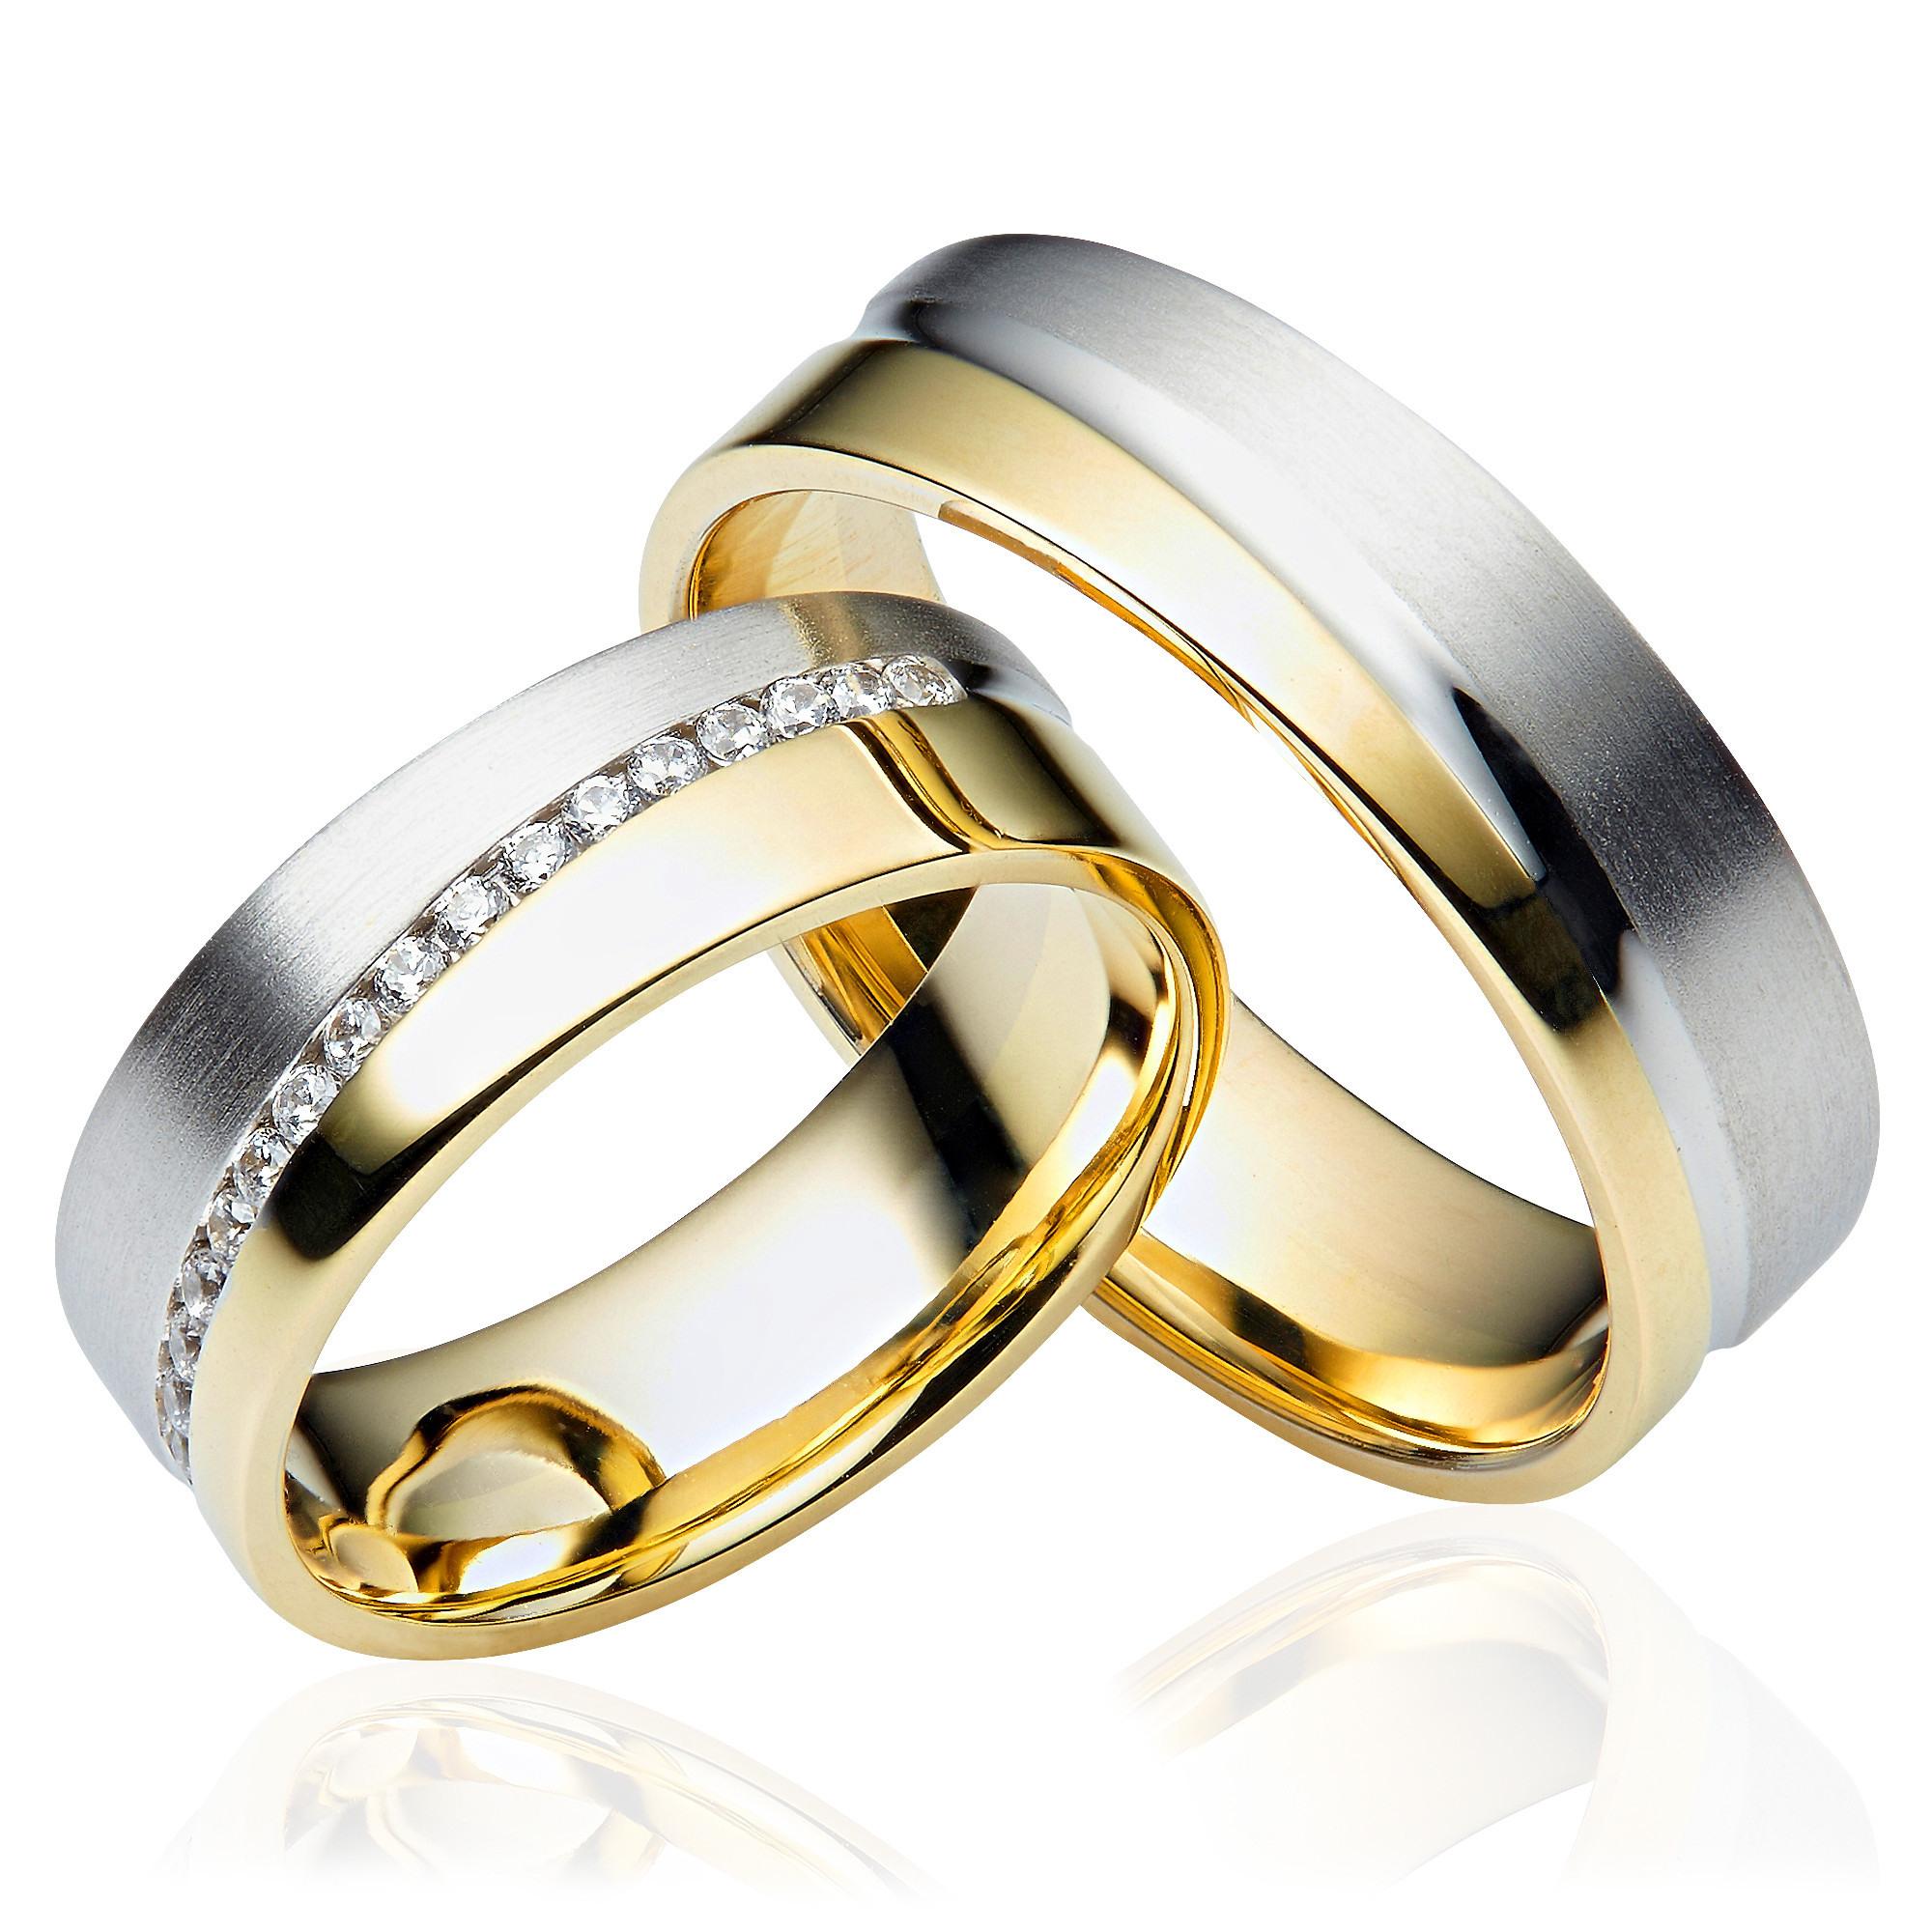 Trauringe & Verlobungsringe Im Online-Shop Kaufen | Jc-Trauringe